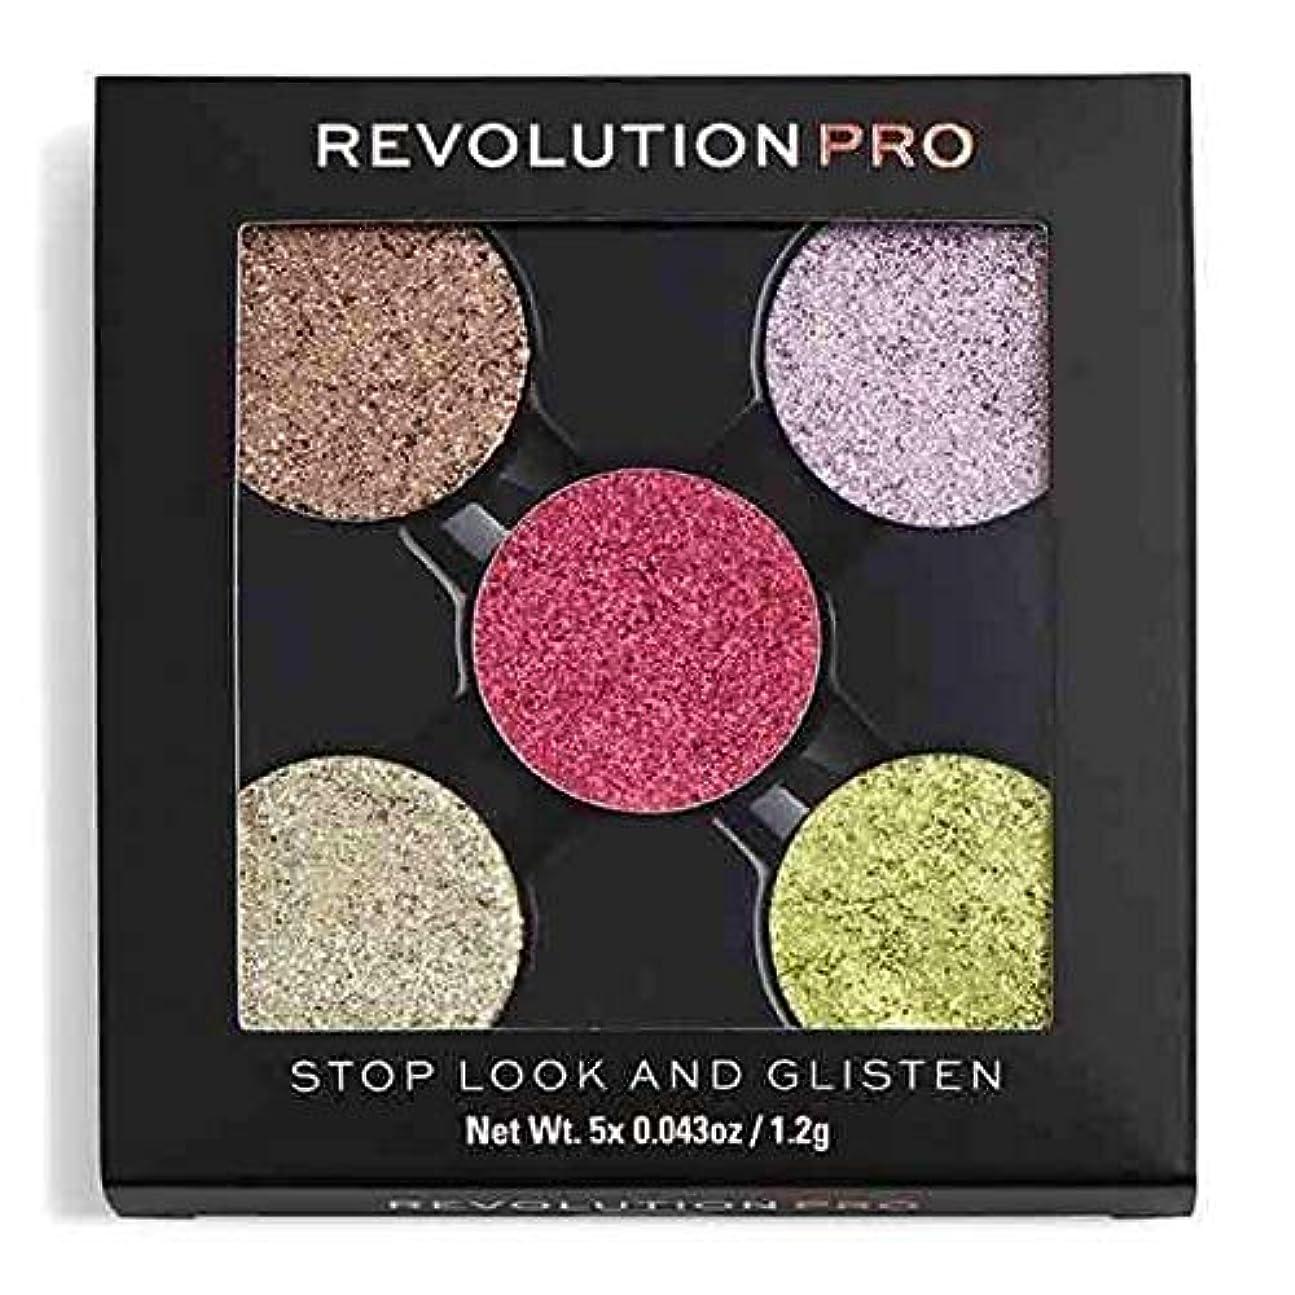 楽観的マオリ衣類[Revolution ] 革命のプロが見て、光る、キラキラパックストップを押します - Revolution Pro Pressed Glitter Pack Stop, Look and Glisten [並行輸入品]